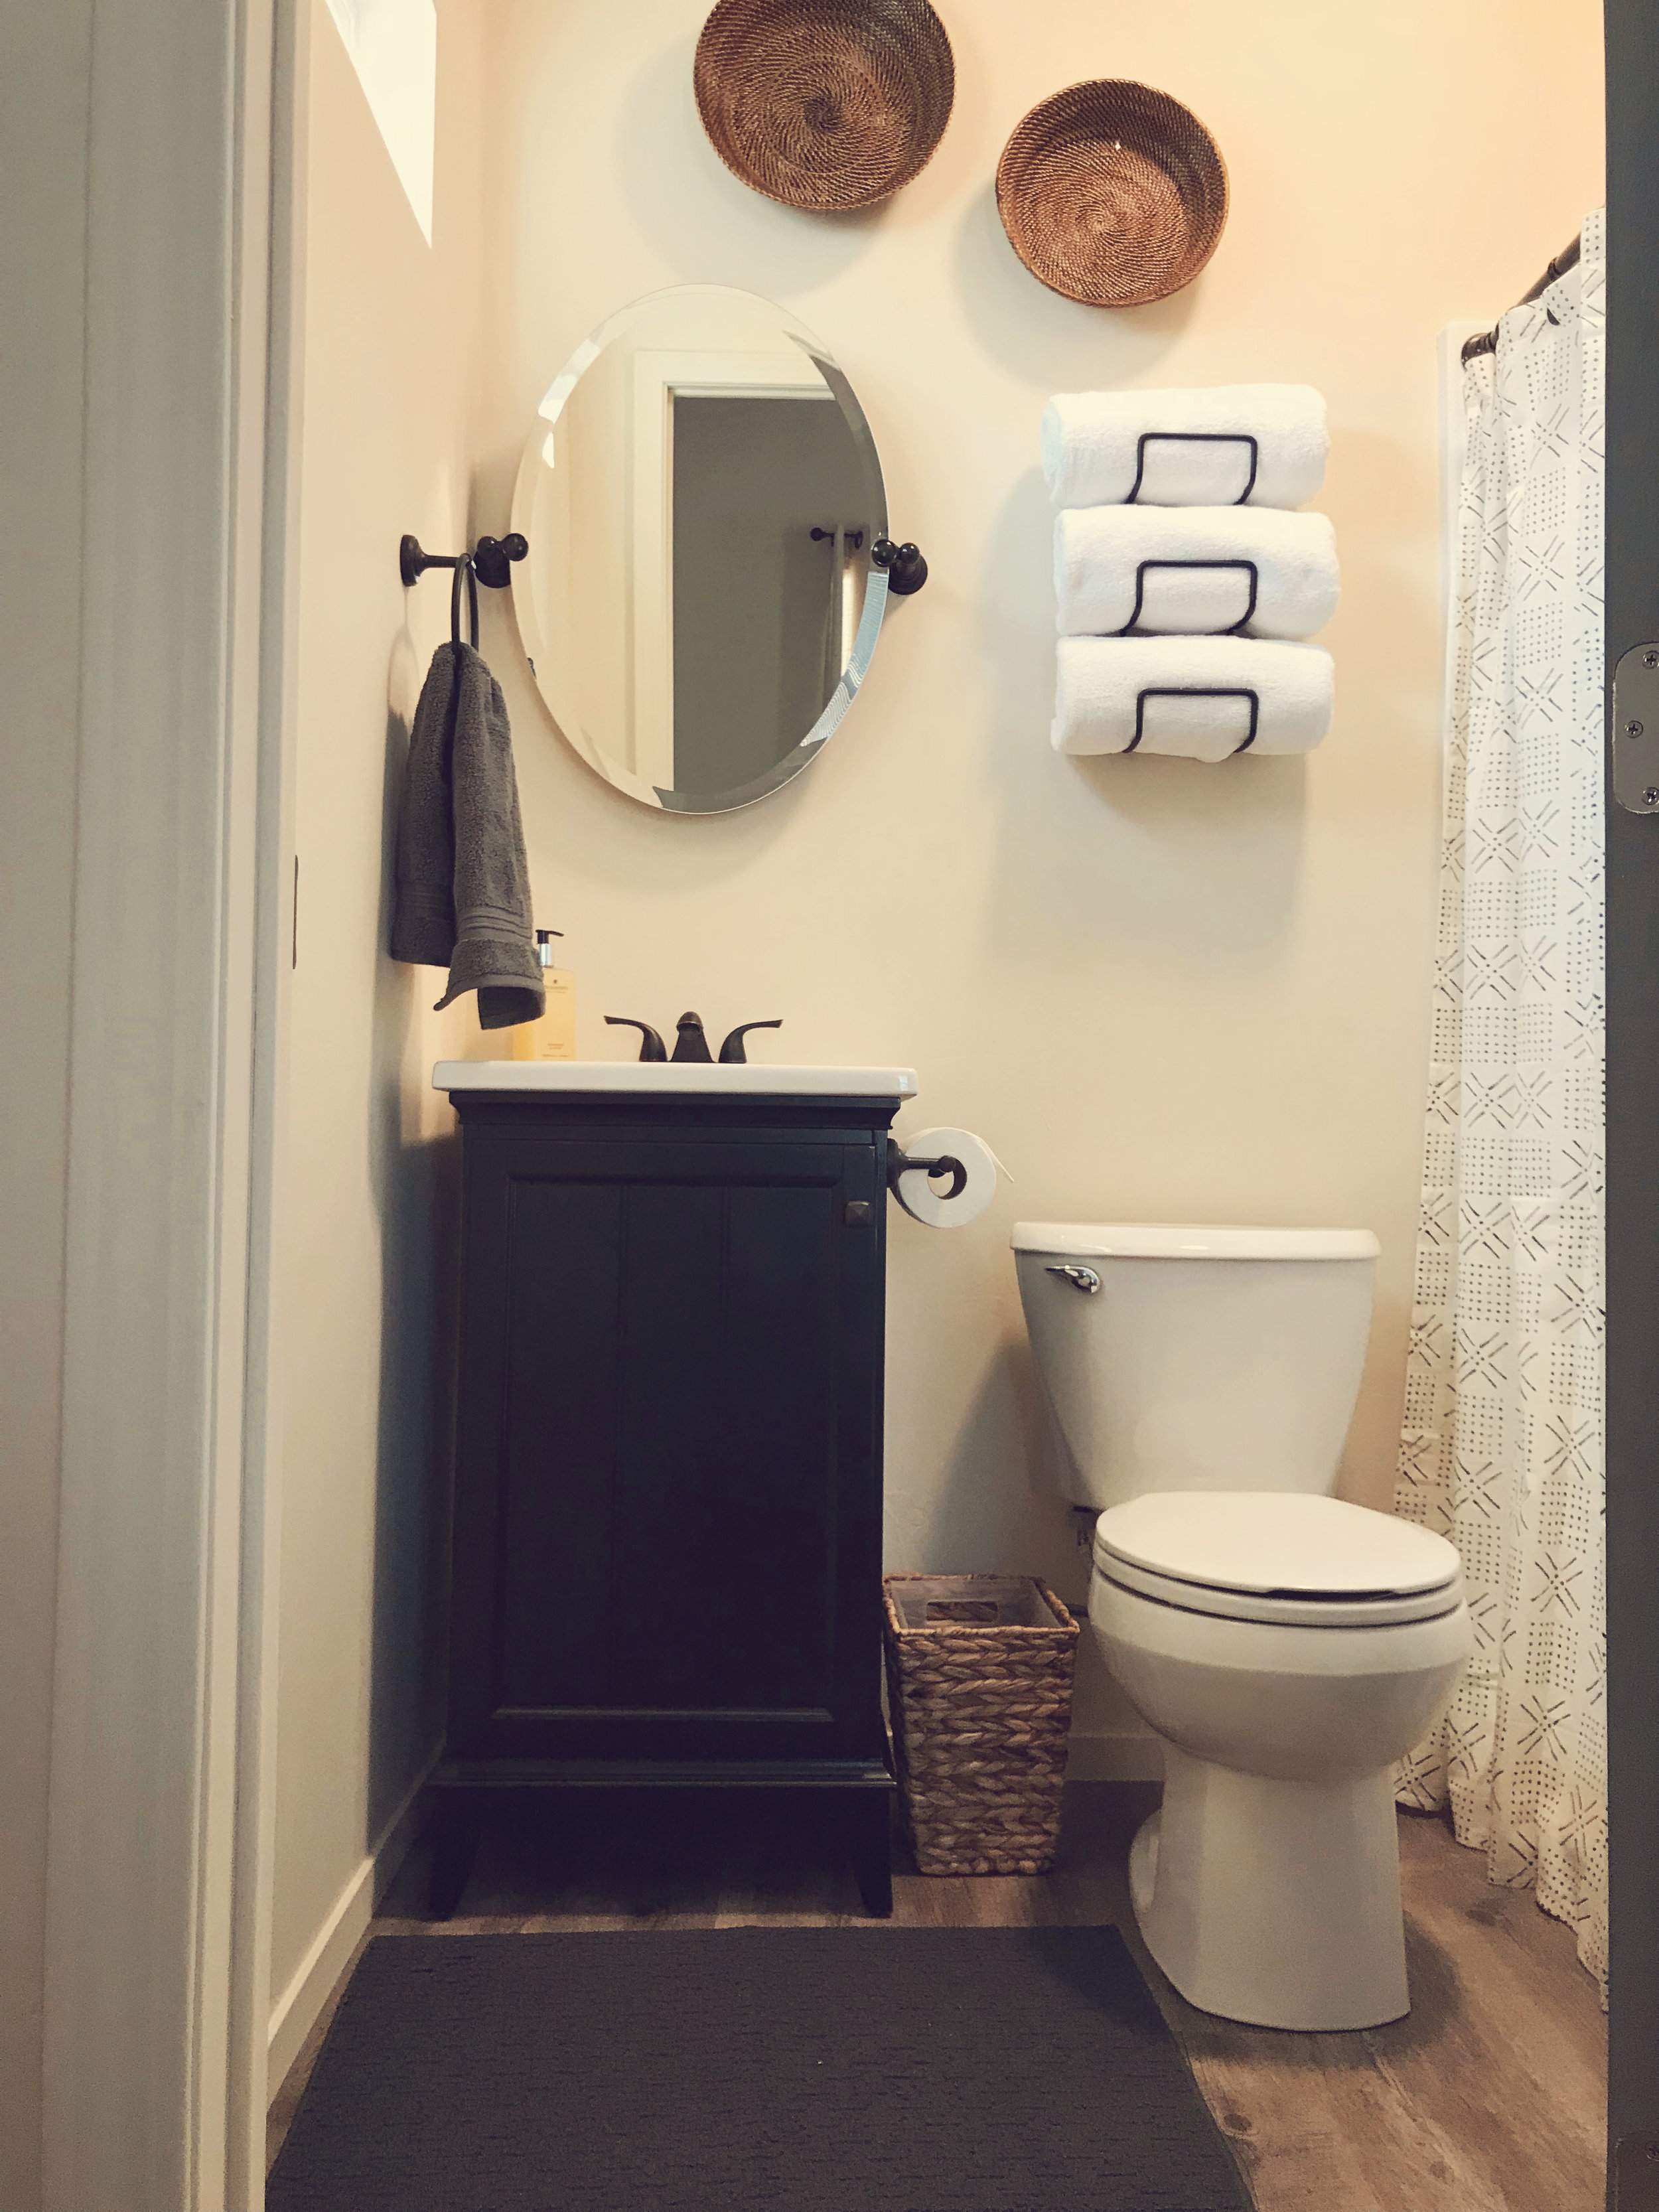 #3-bath.jpg